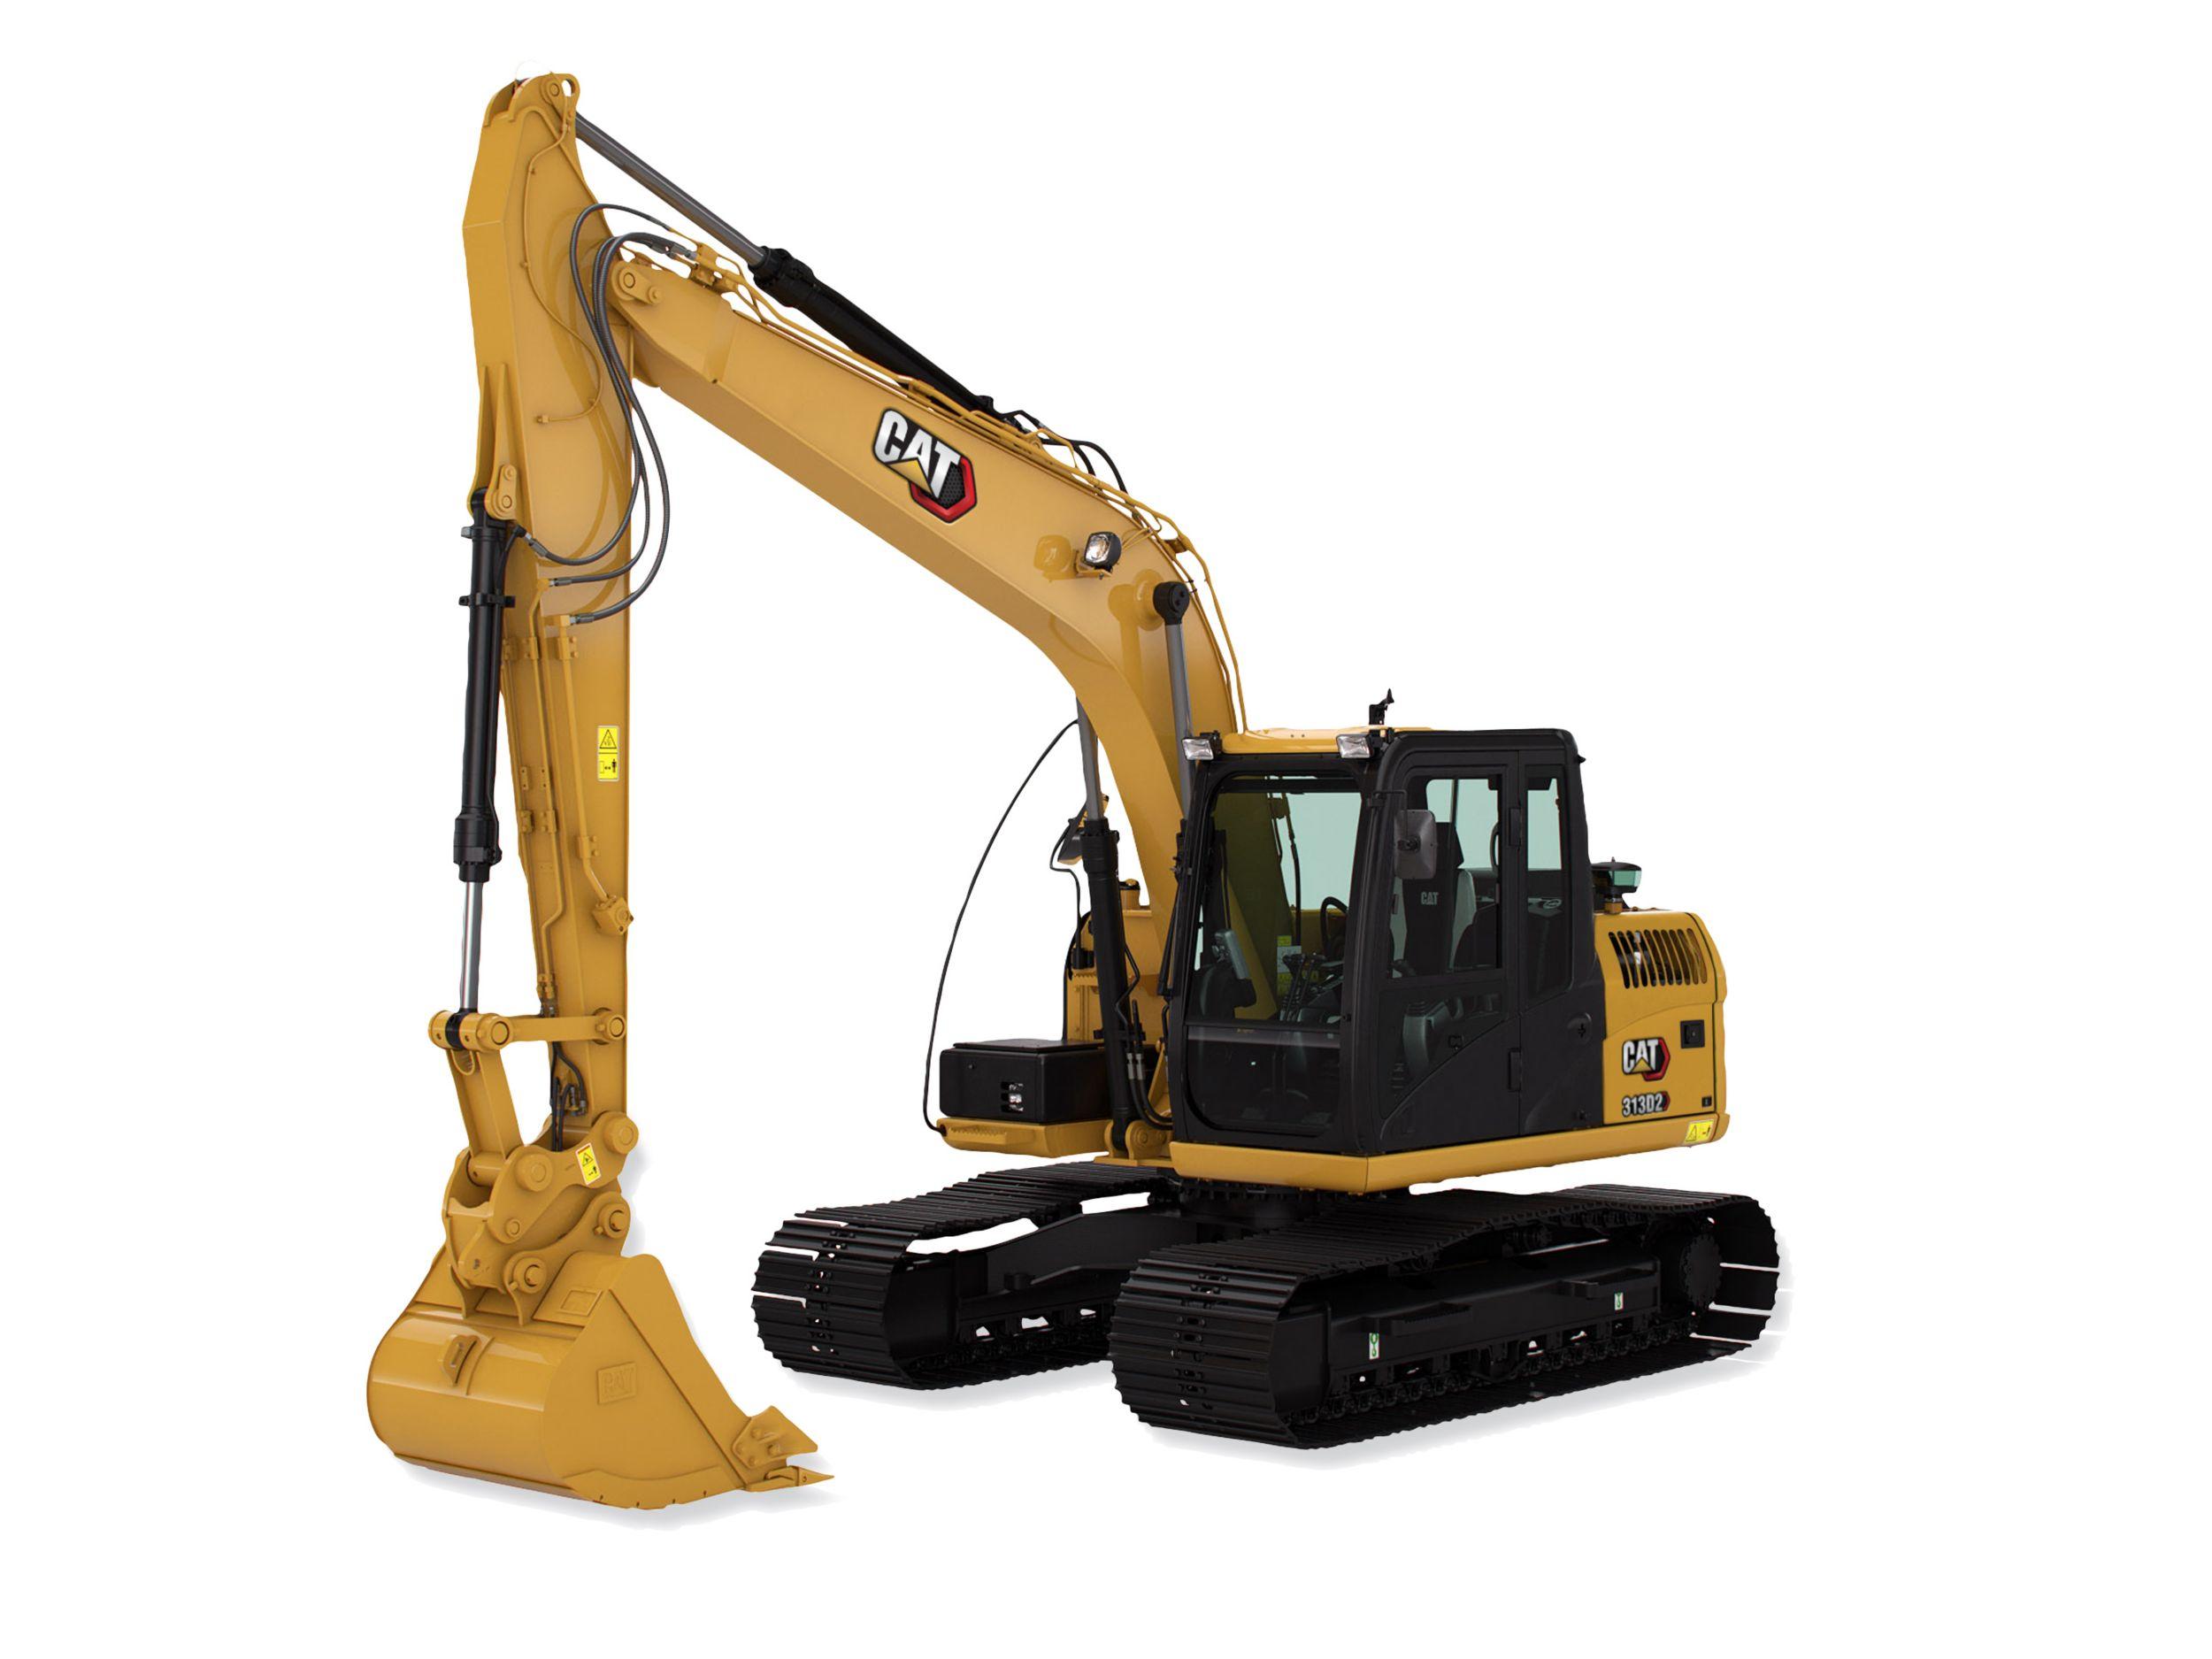 464 excavators